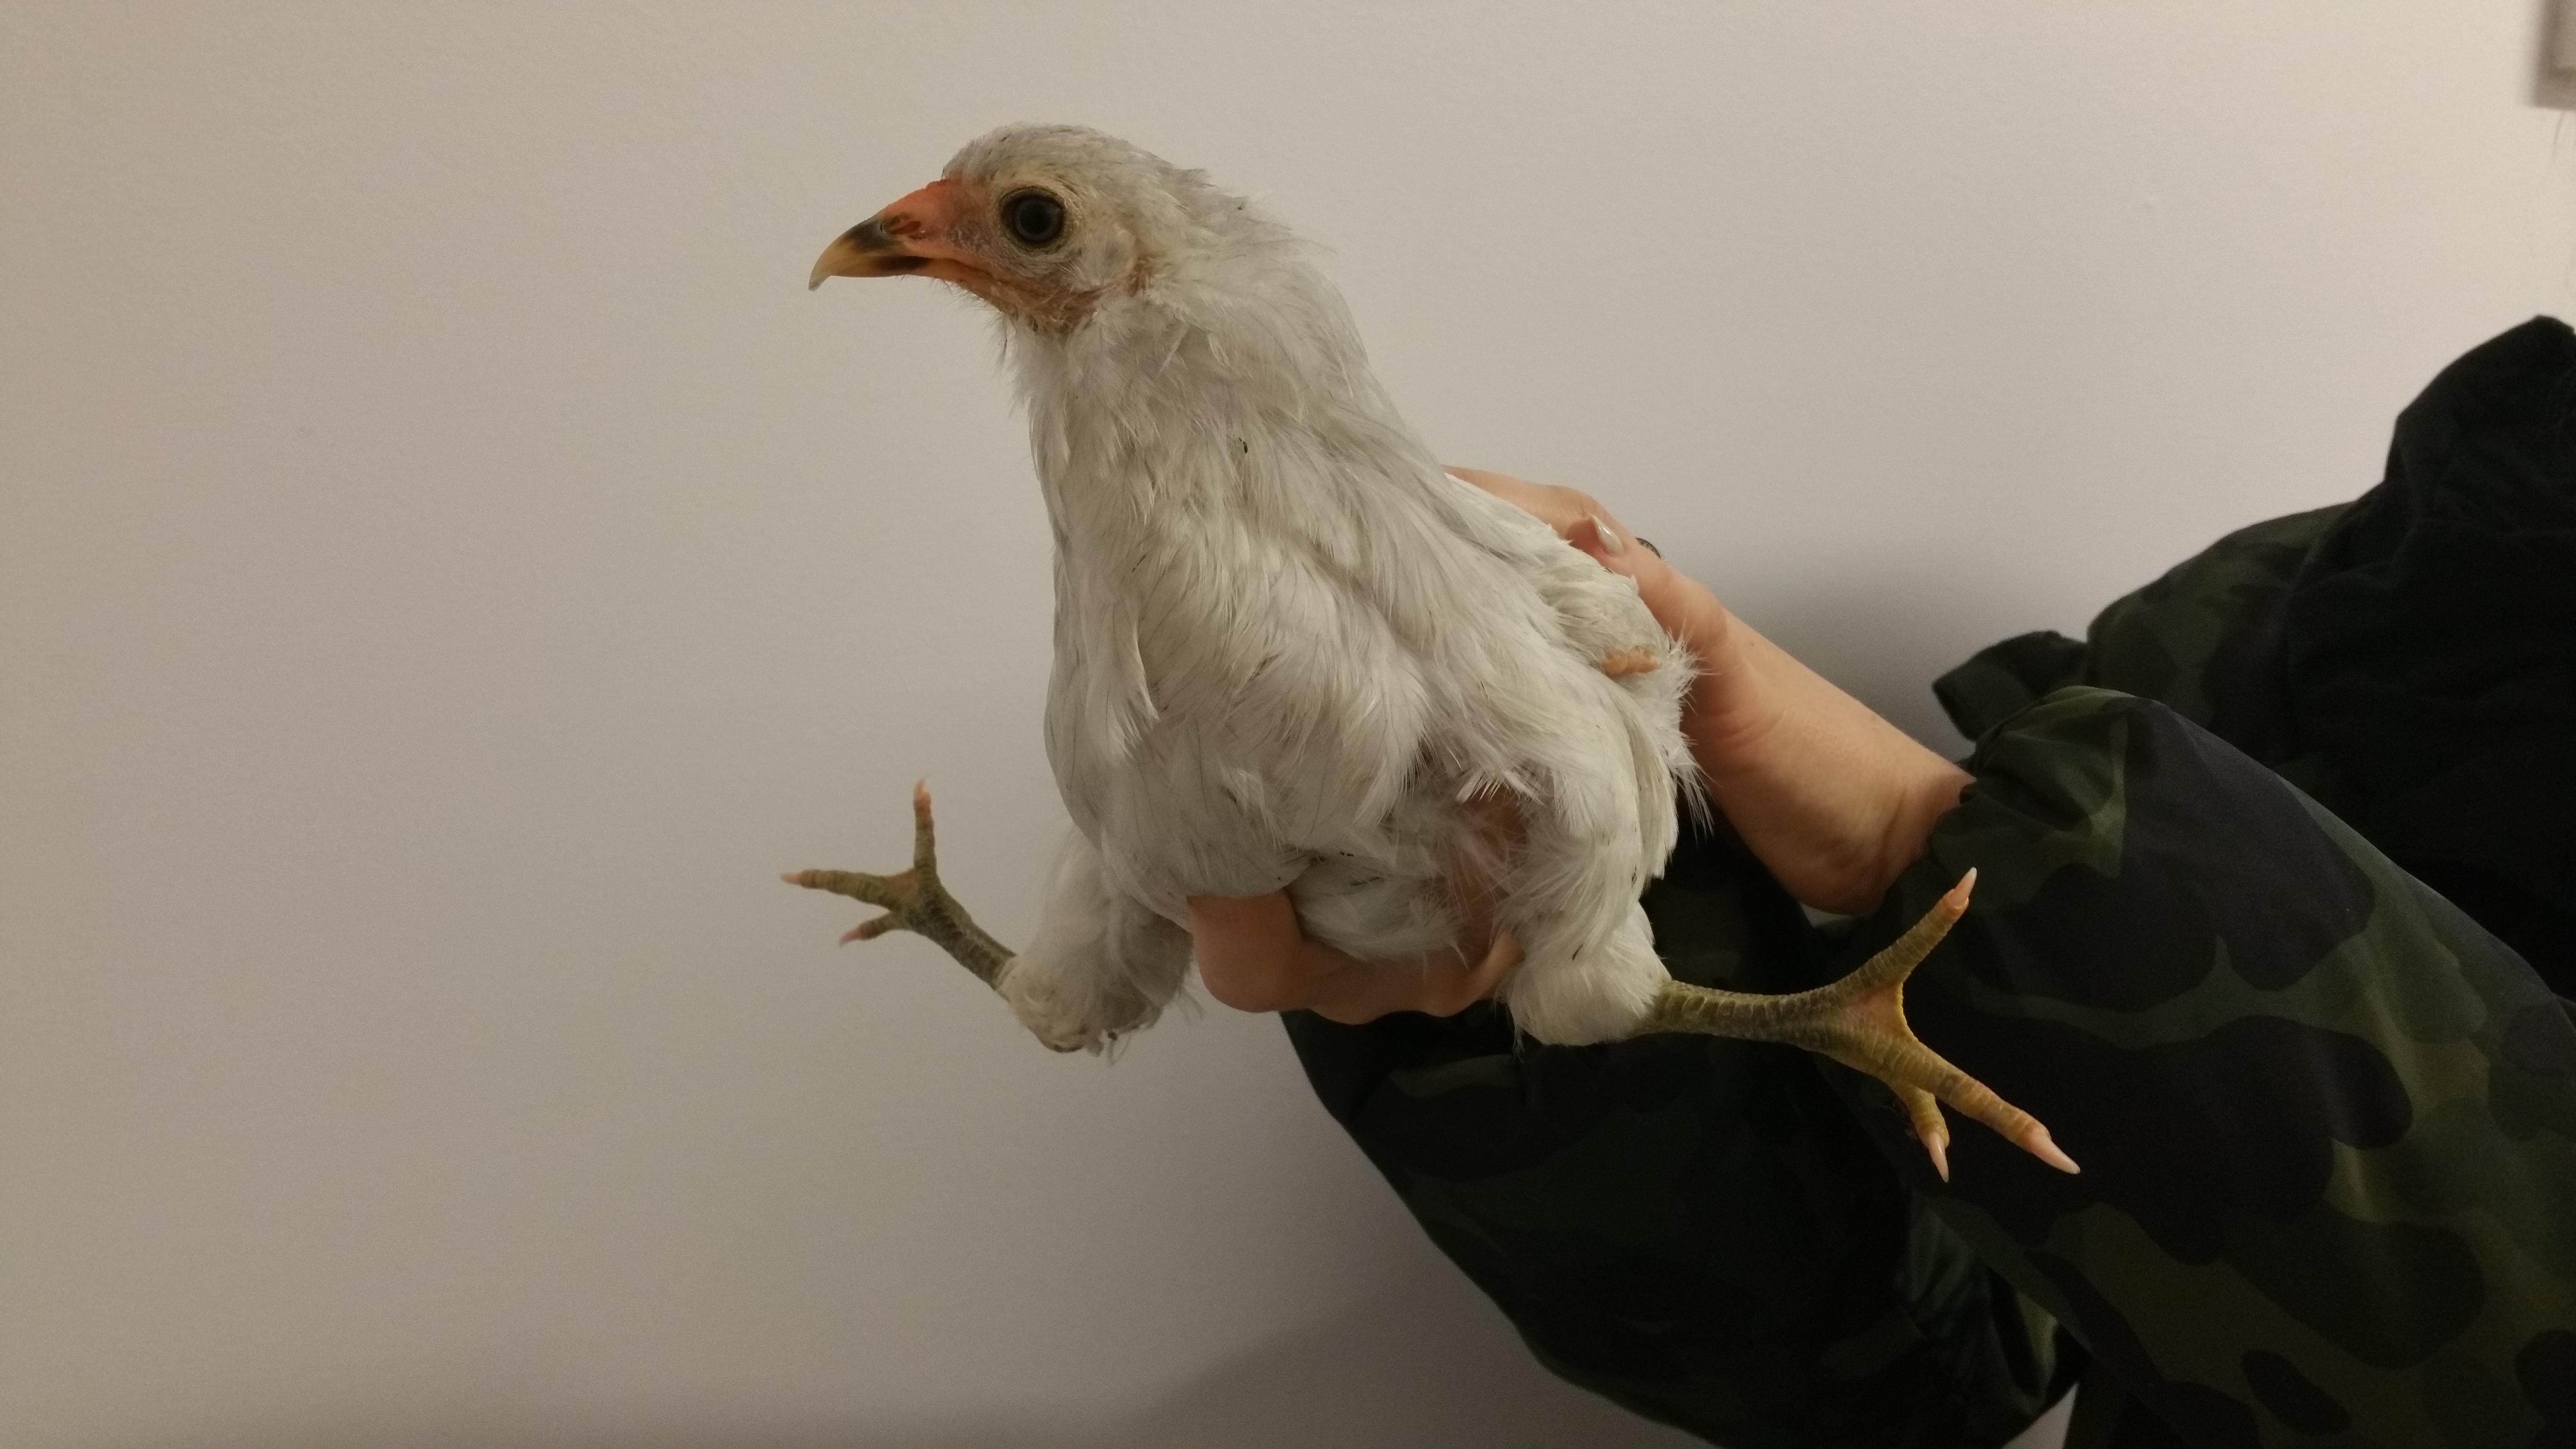 Chicken veterinarian